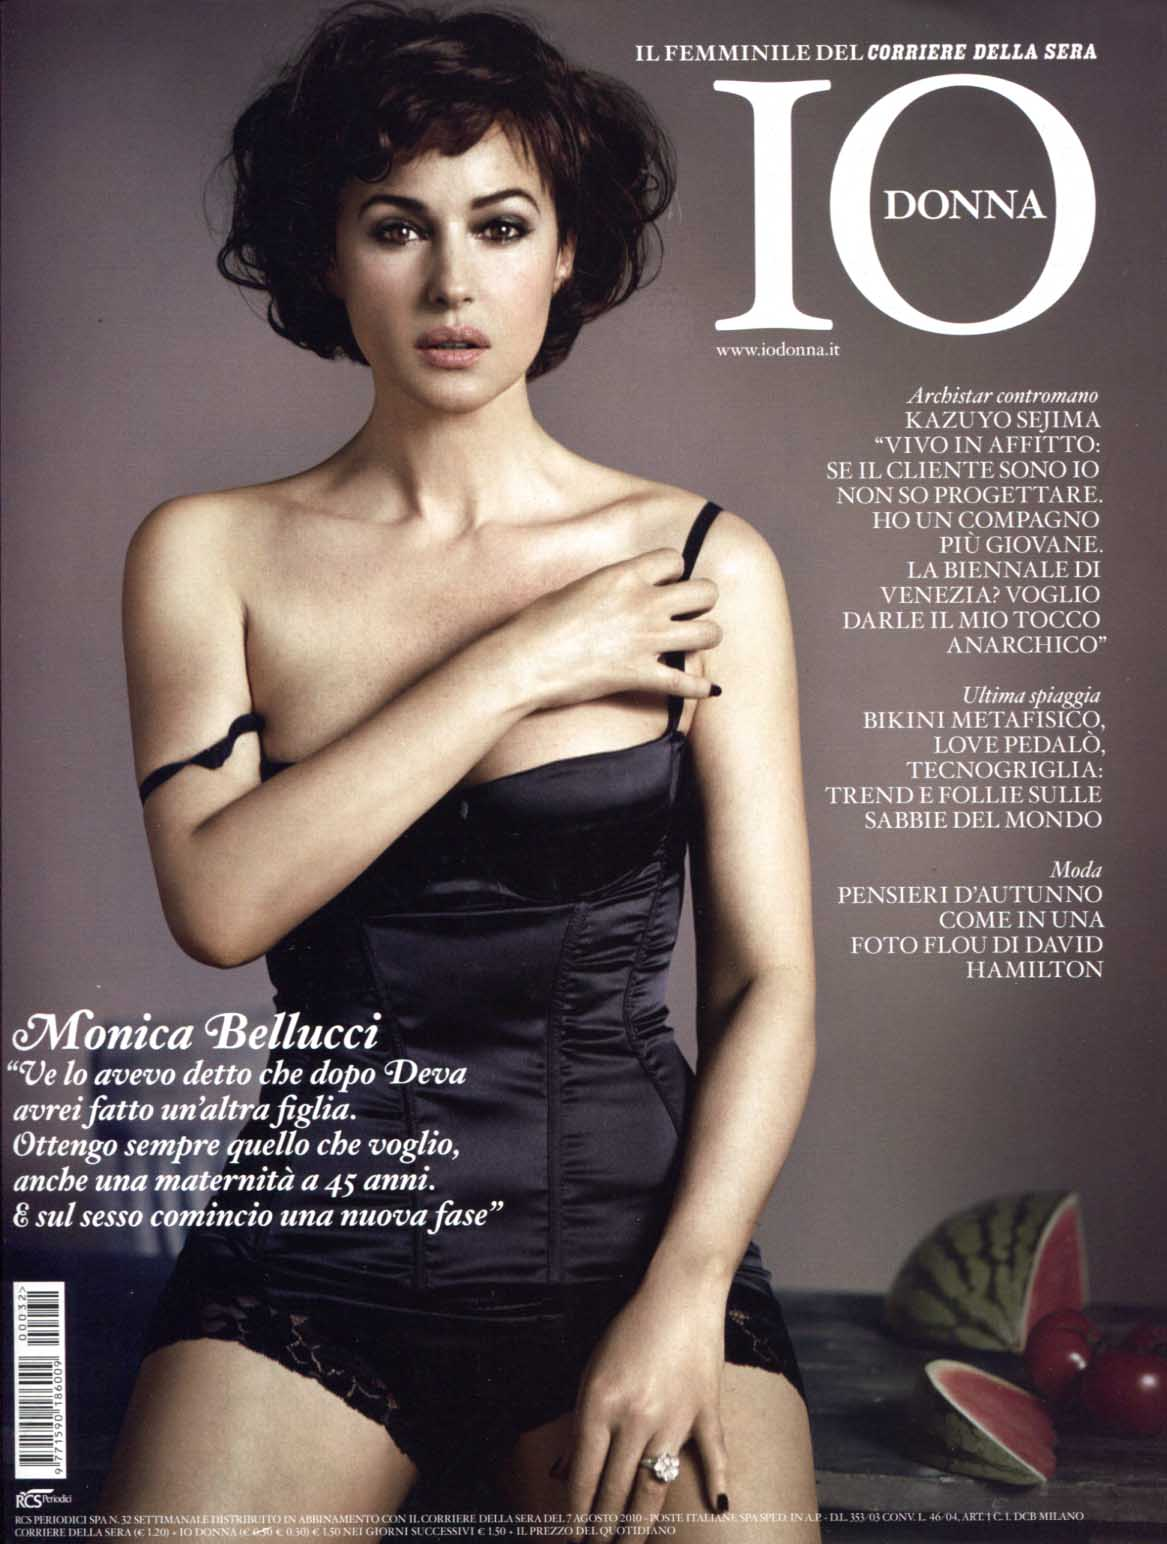 Смотреть каталог с итальянскими актрисами 25 фотография